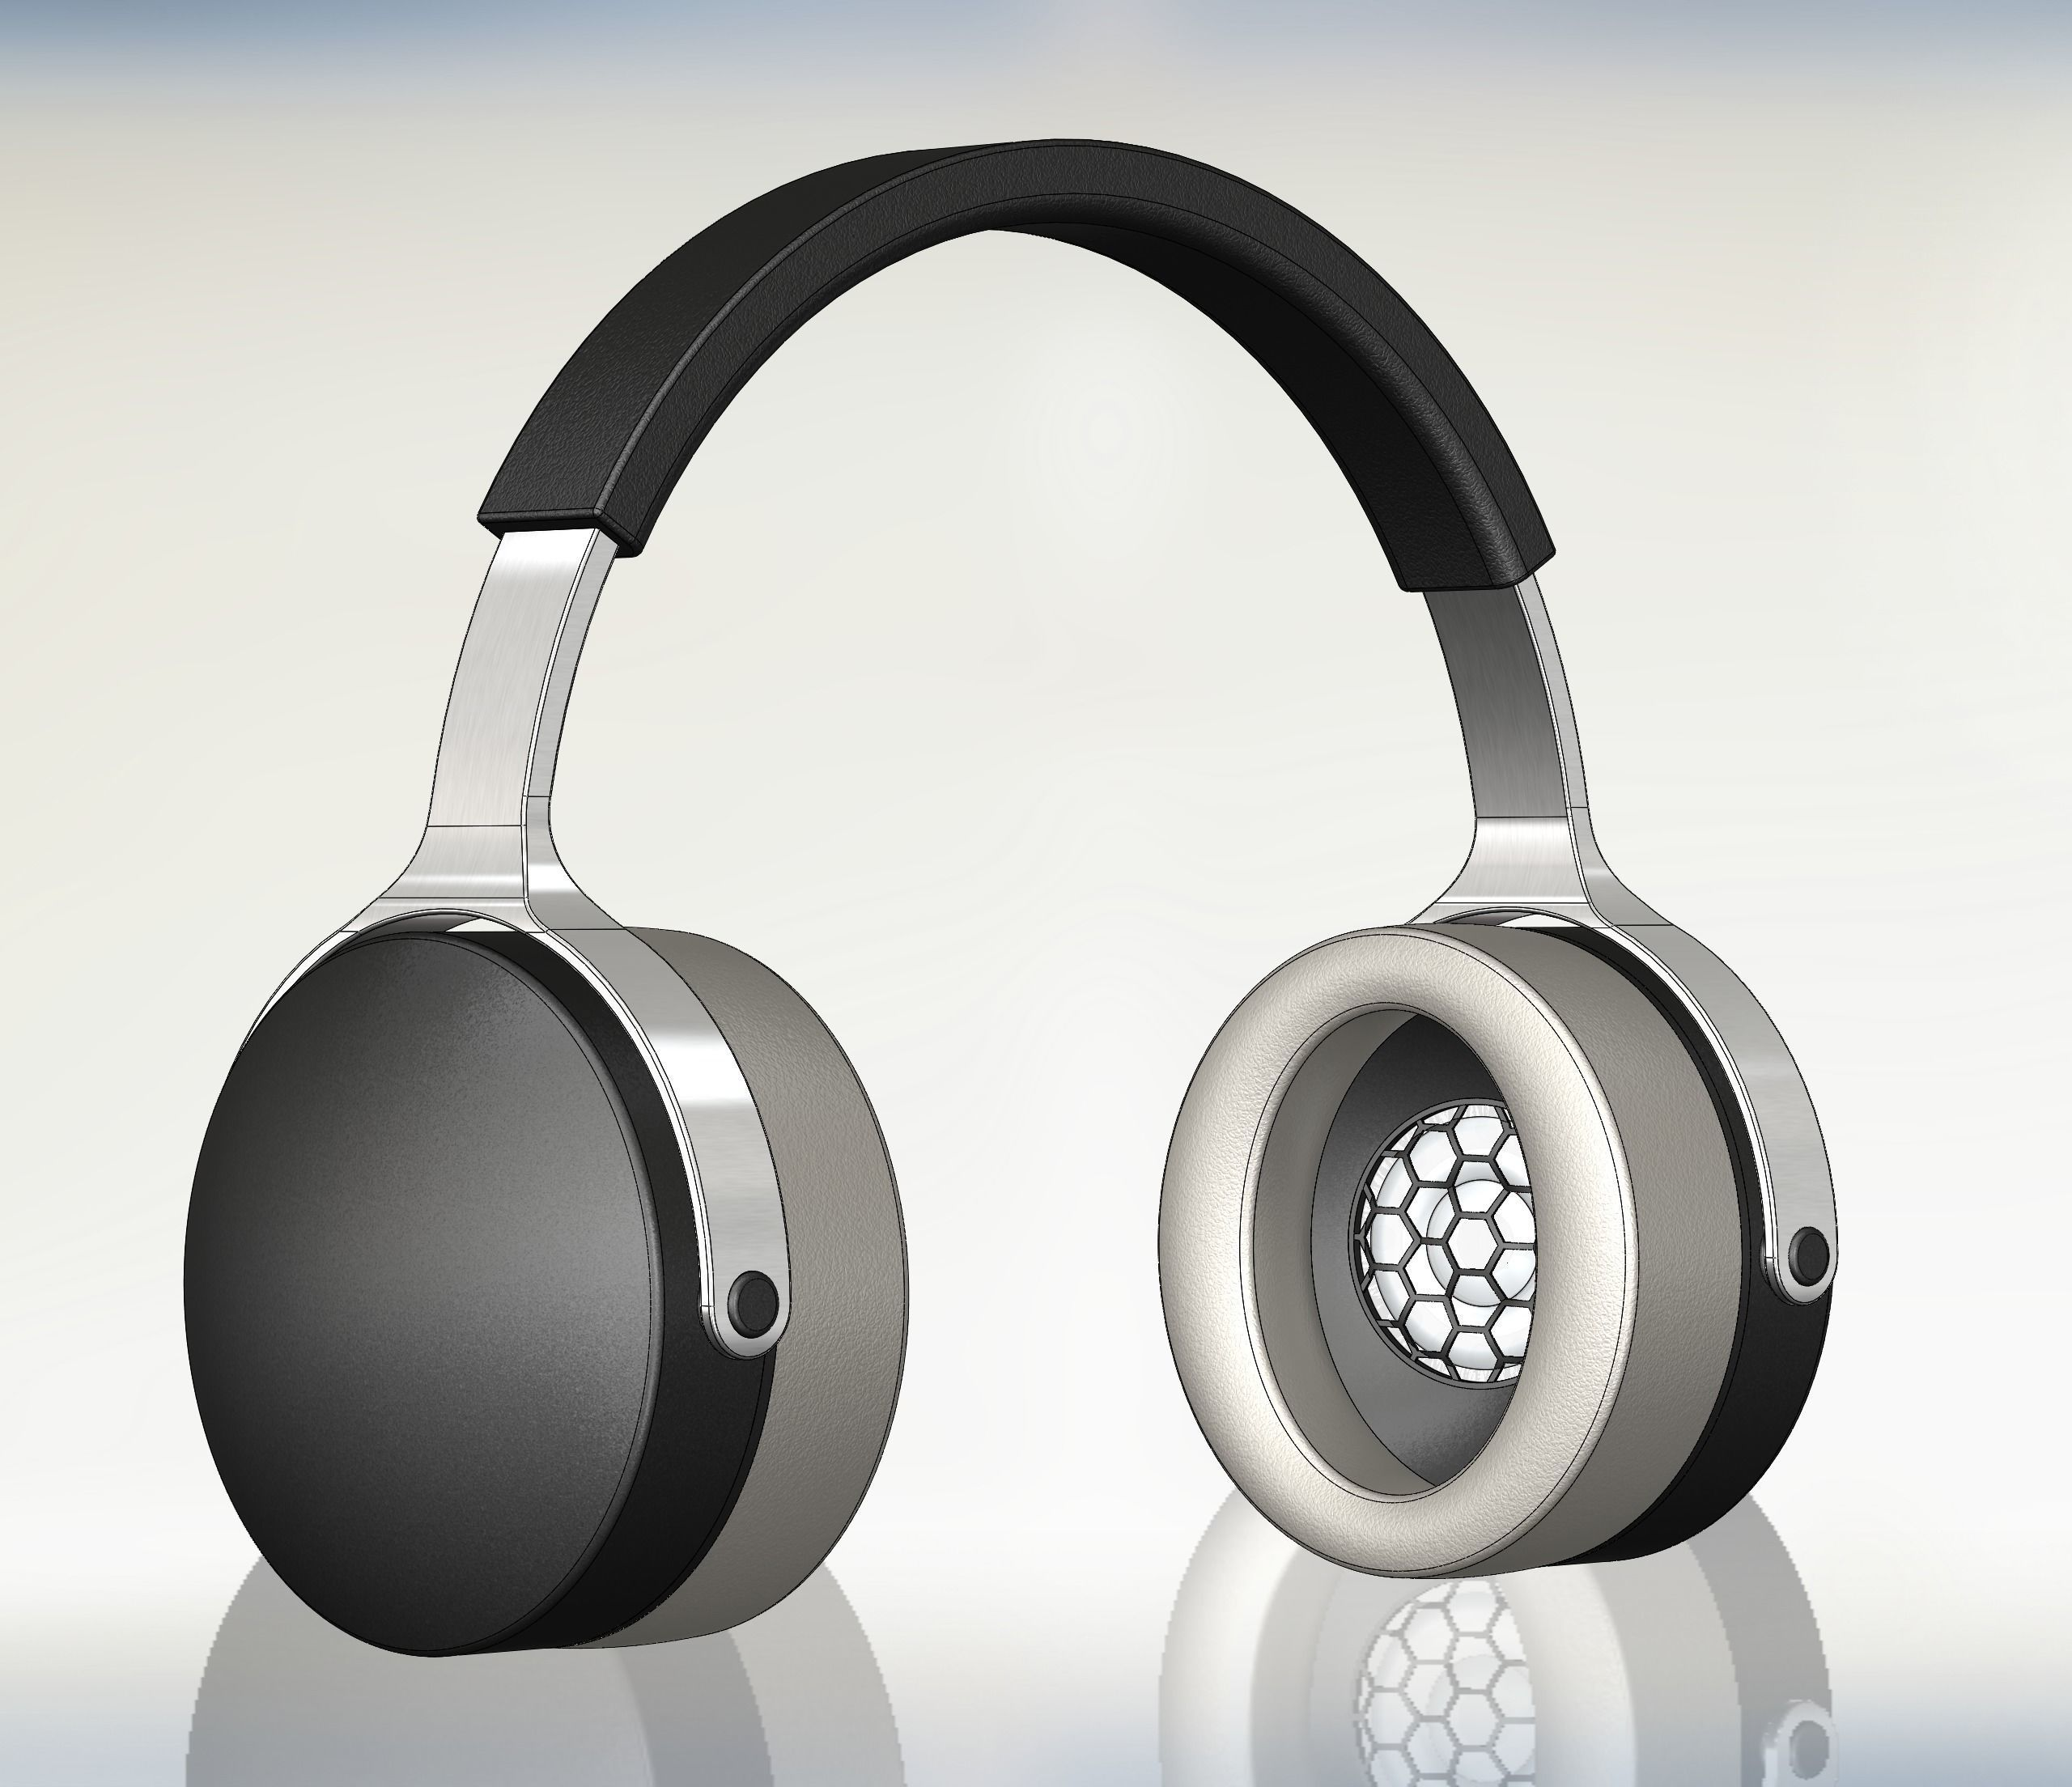 Premium Closed Back Headphones - CBR1